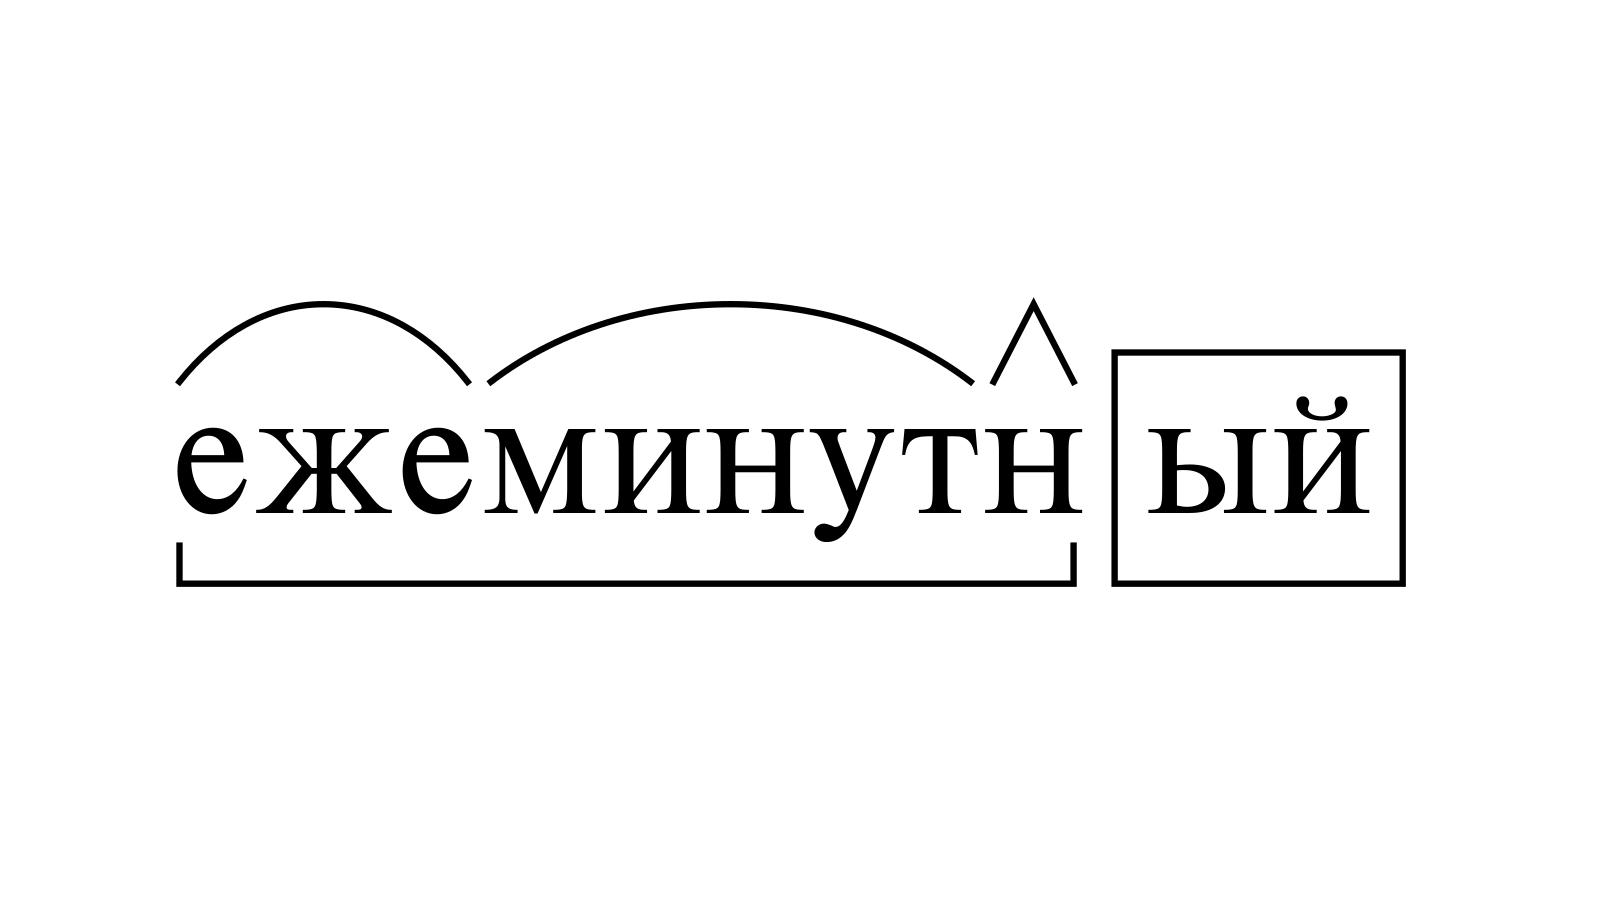 Разбор слова «ежеминутный» по составу